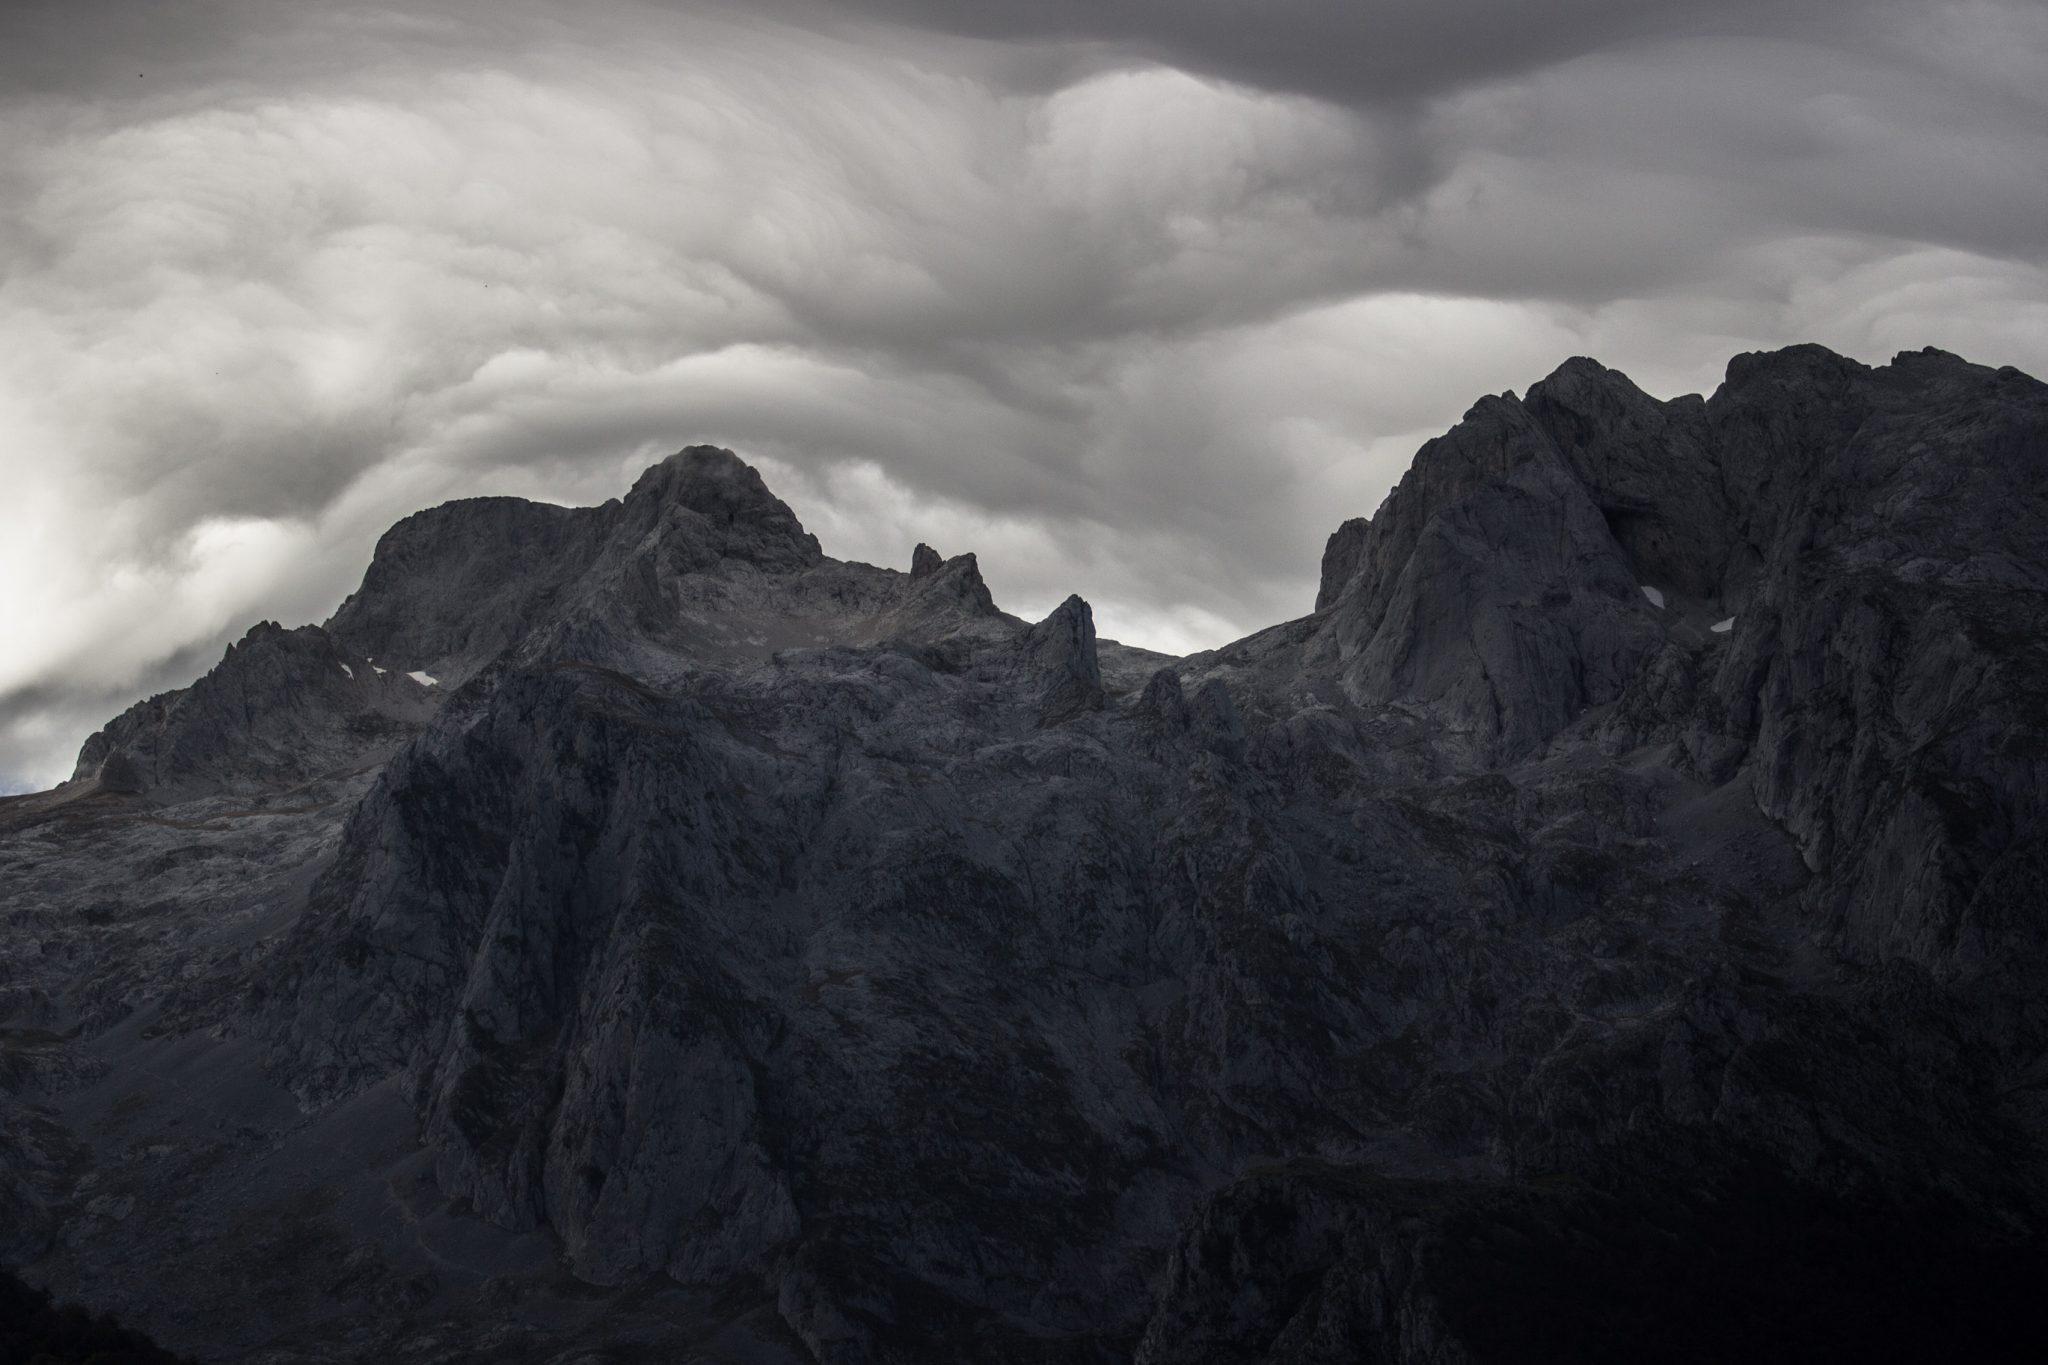 Wanderung Poncebos nach Bulnes in den Picos de Europa, schönes Herbstwetter zum Wandern, dichte Wolkenschicht, Felswände und viele beeindruckende Berge